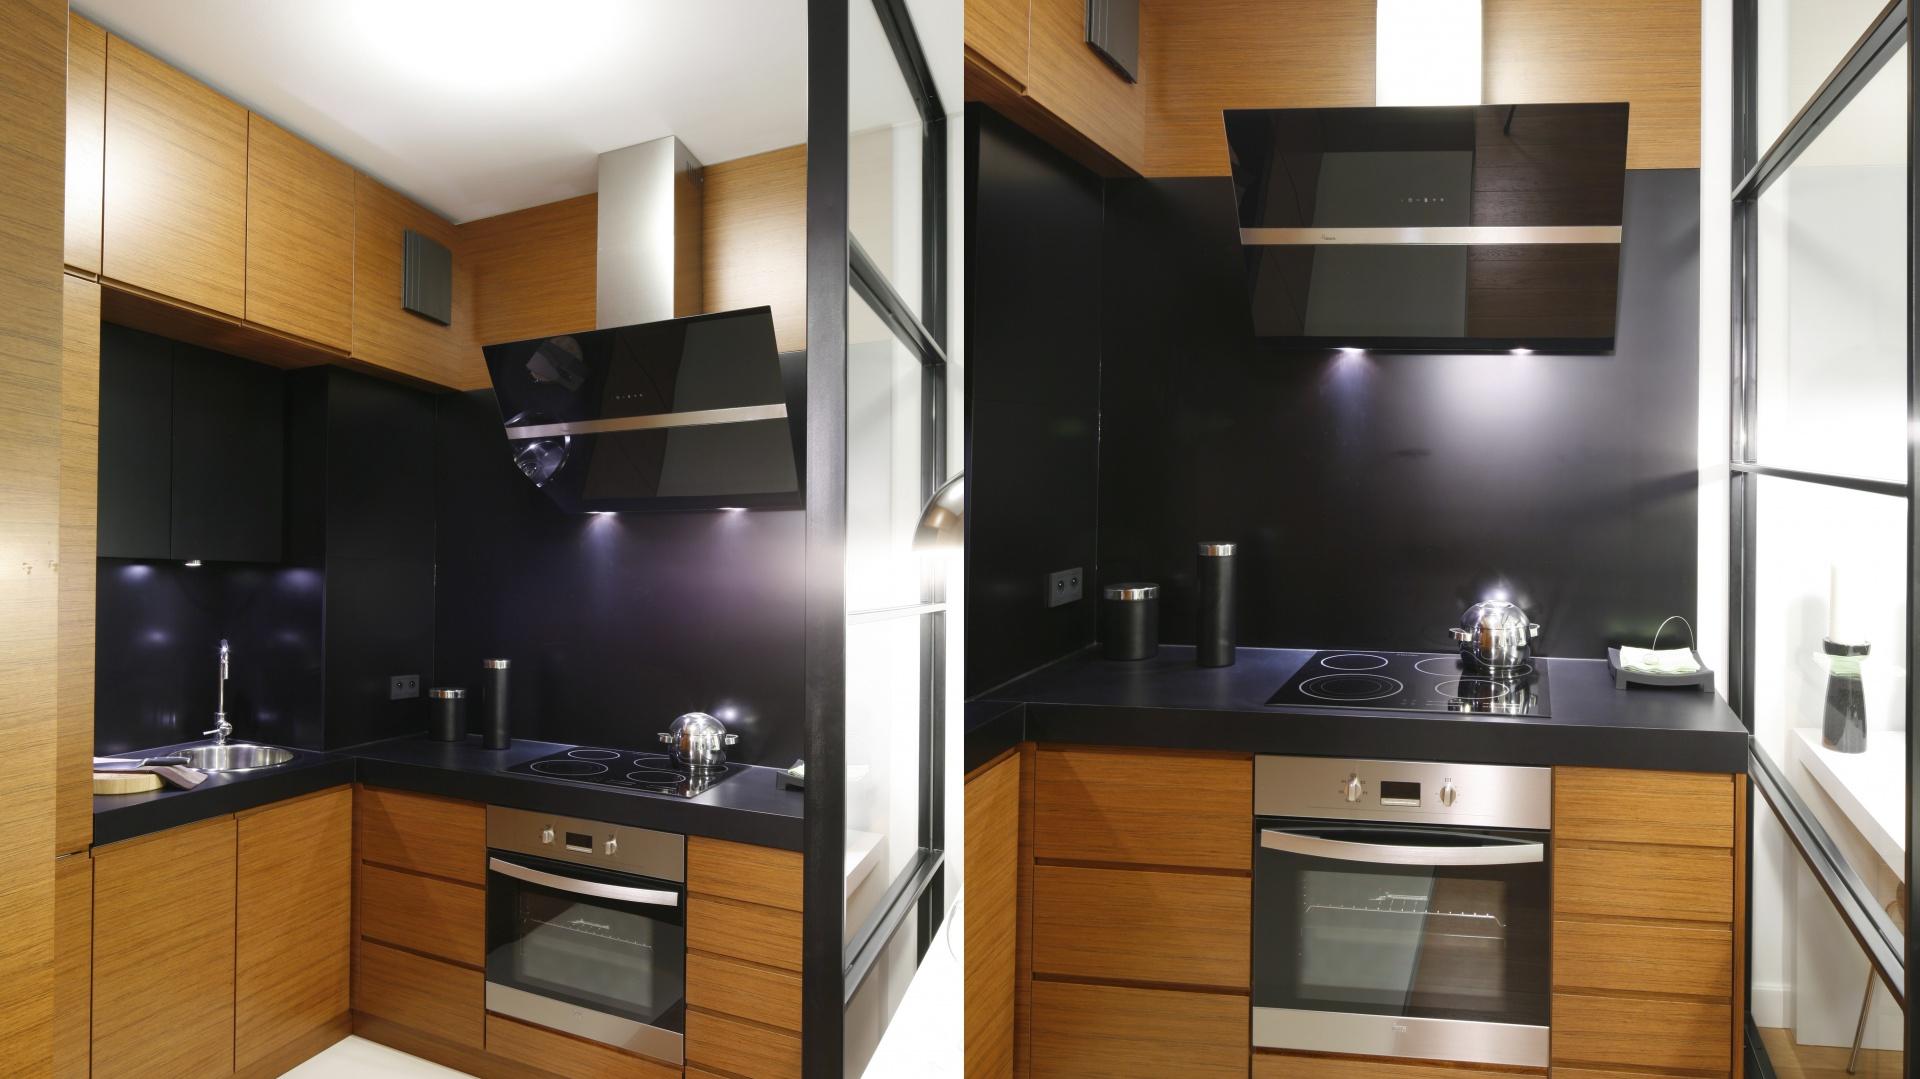 W tej kuchni jest dużo Mała kuchnia  jak ją   -> Mala Kuchnia Aranżacja Wnetrza